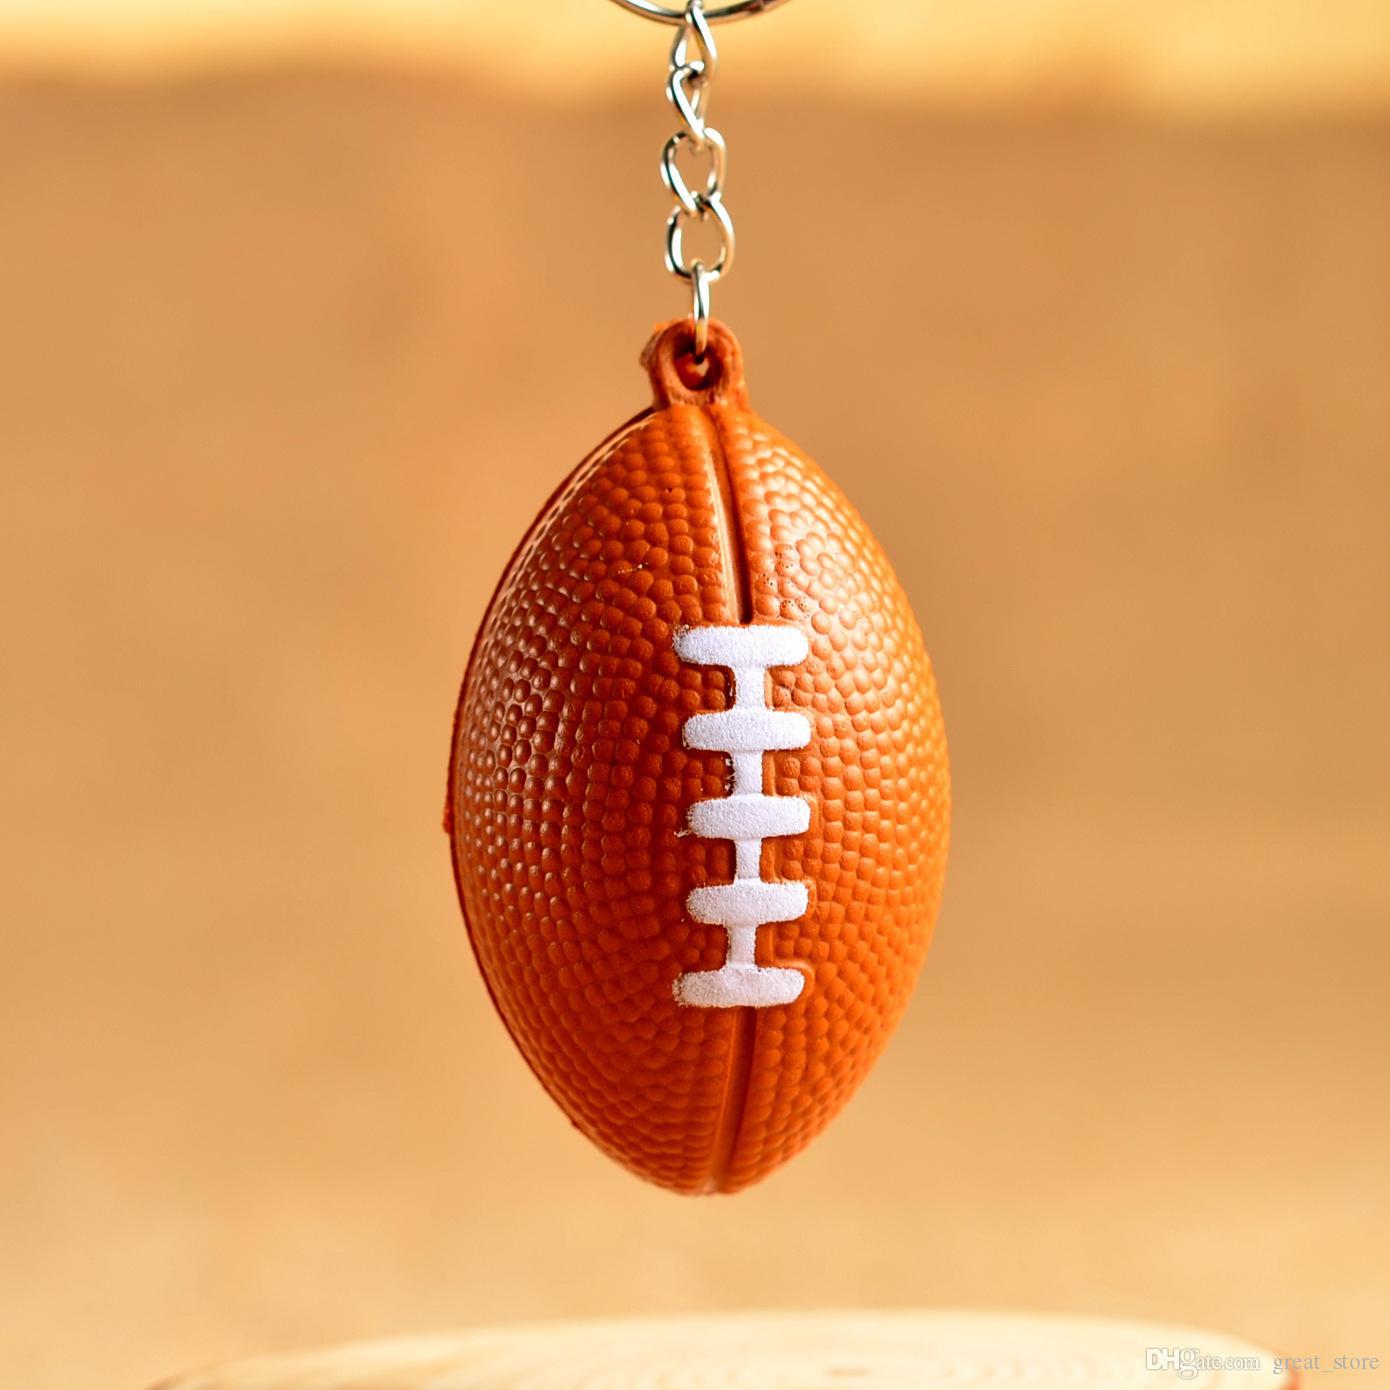 Livraison gratuite [logo OEM] jouets en mousse de boule de jouets PU chaîne clés de football KR177 Porte-clés pour mélanger 20 pièces par